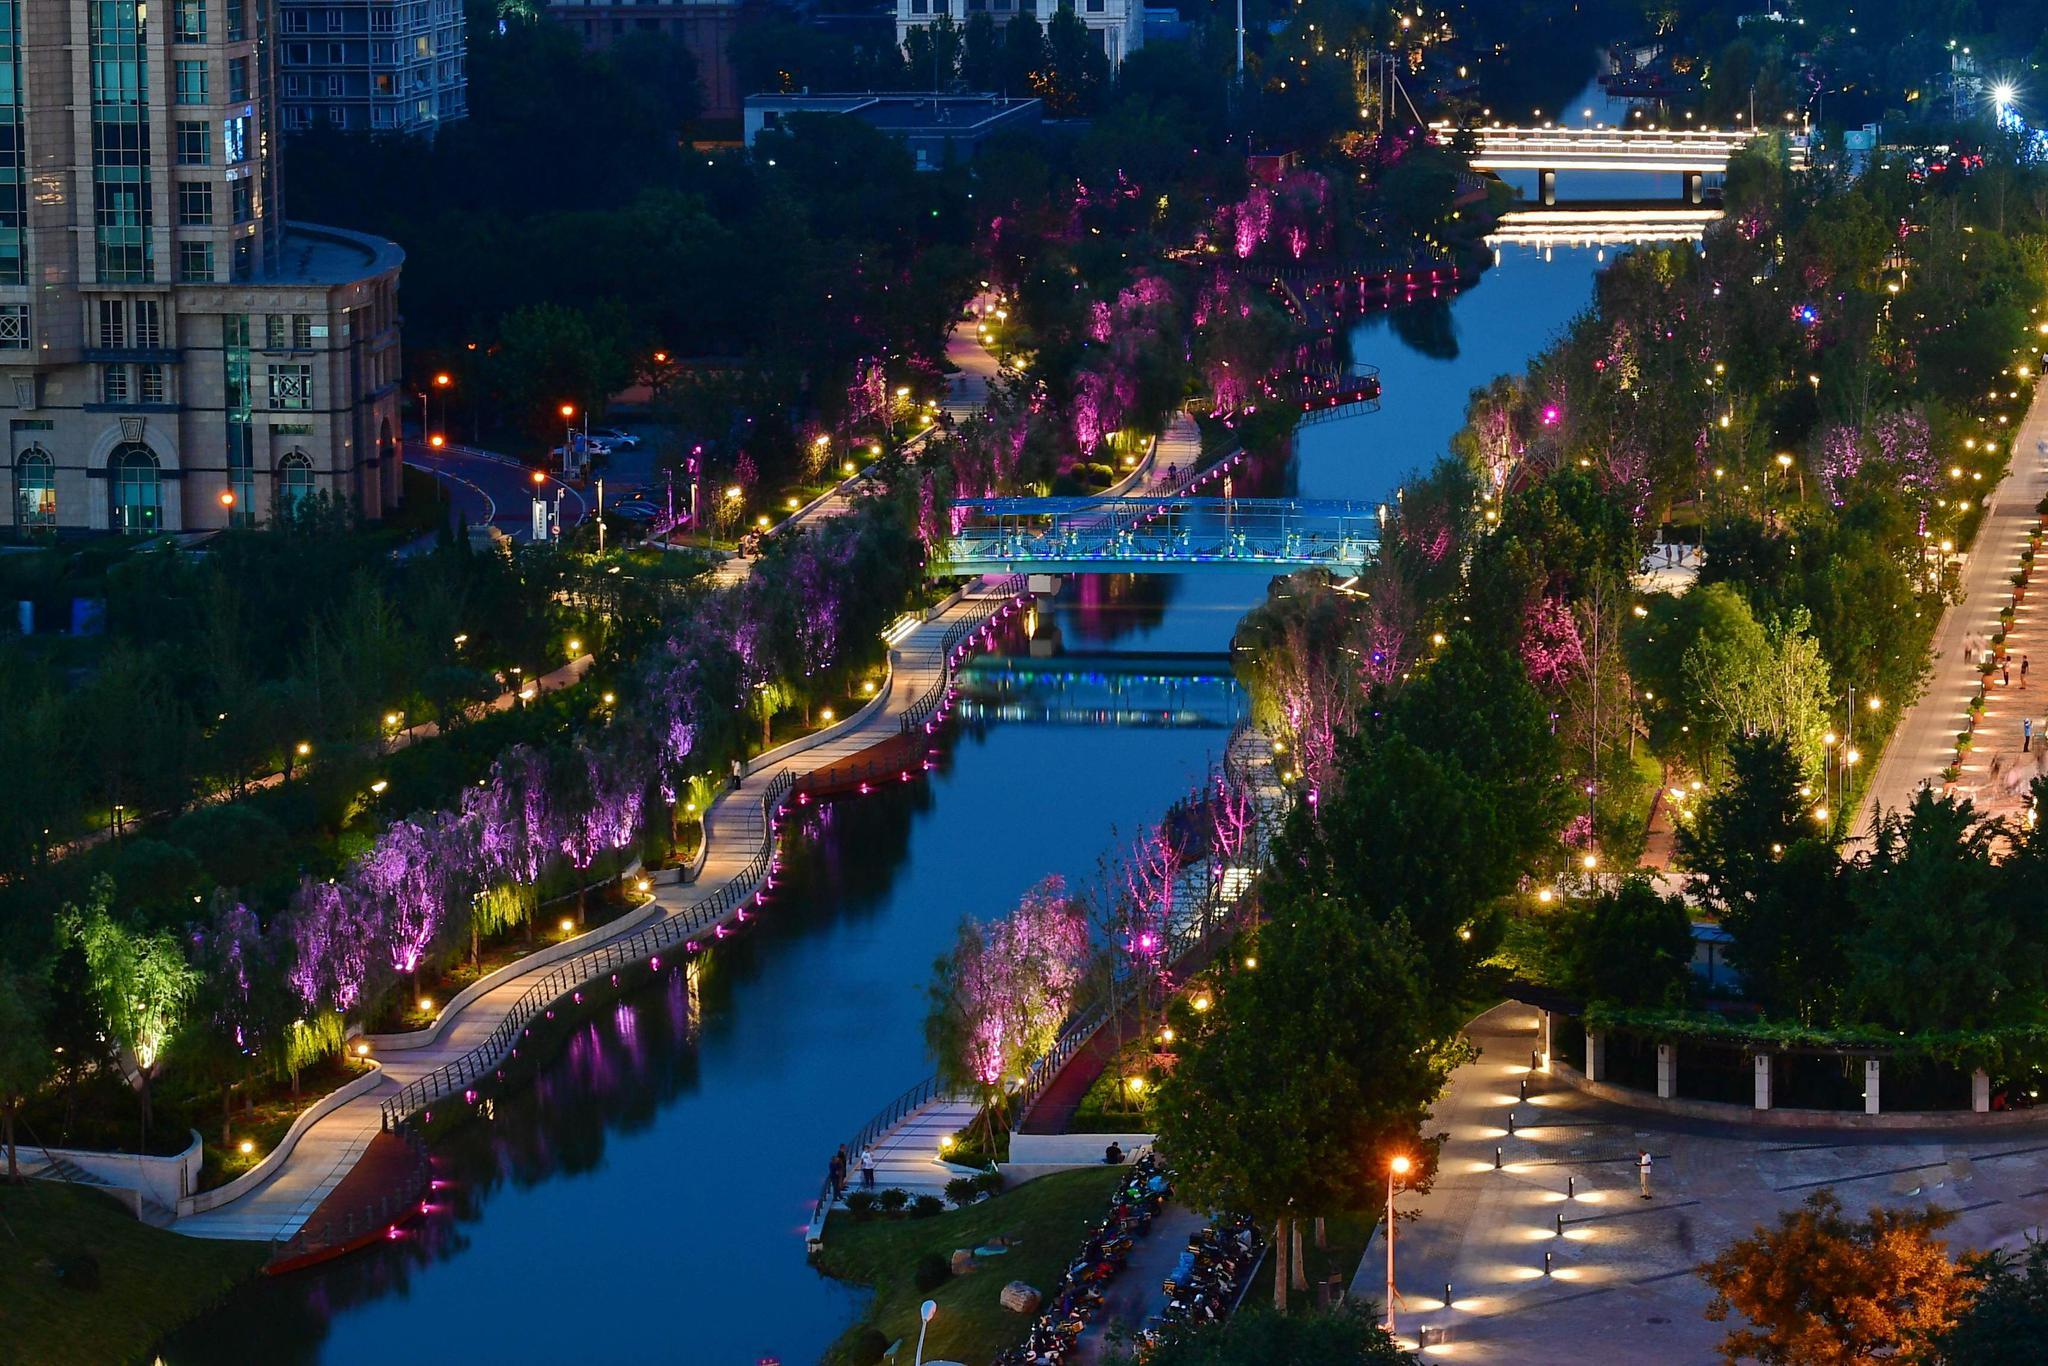 北京亮马河改造两处跨河桥,未来东三环至朝阳公园将能通船